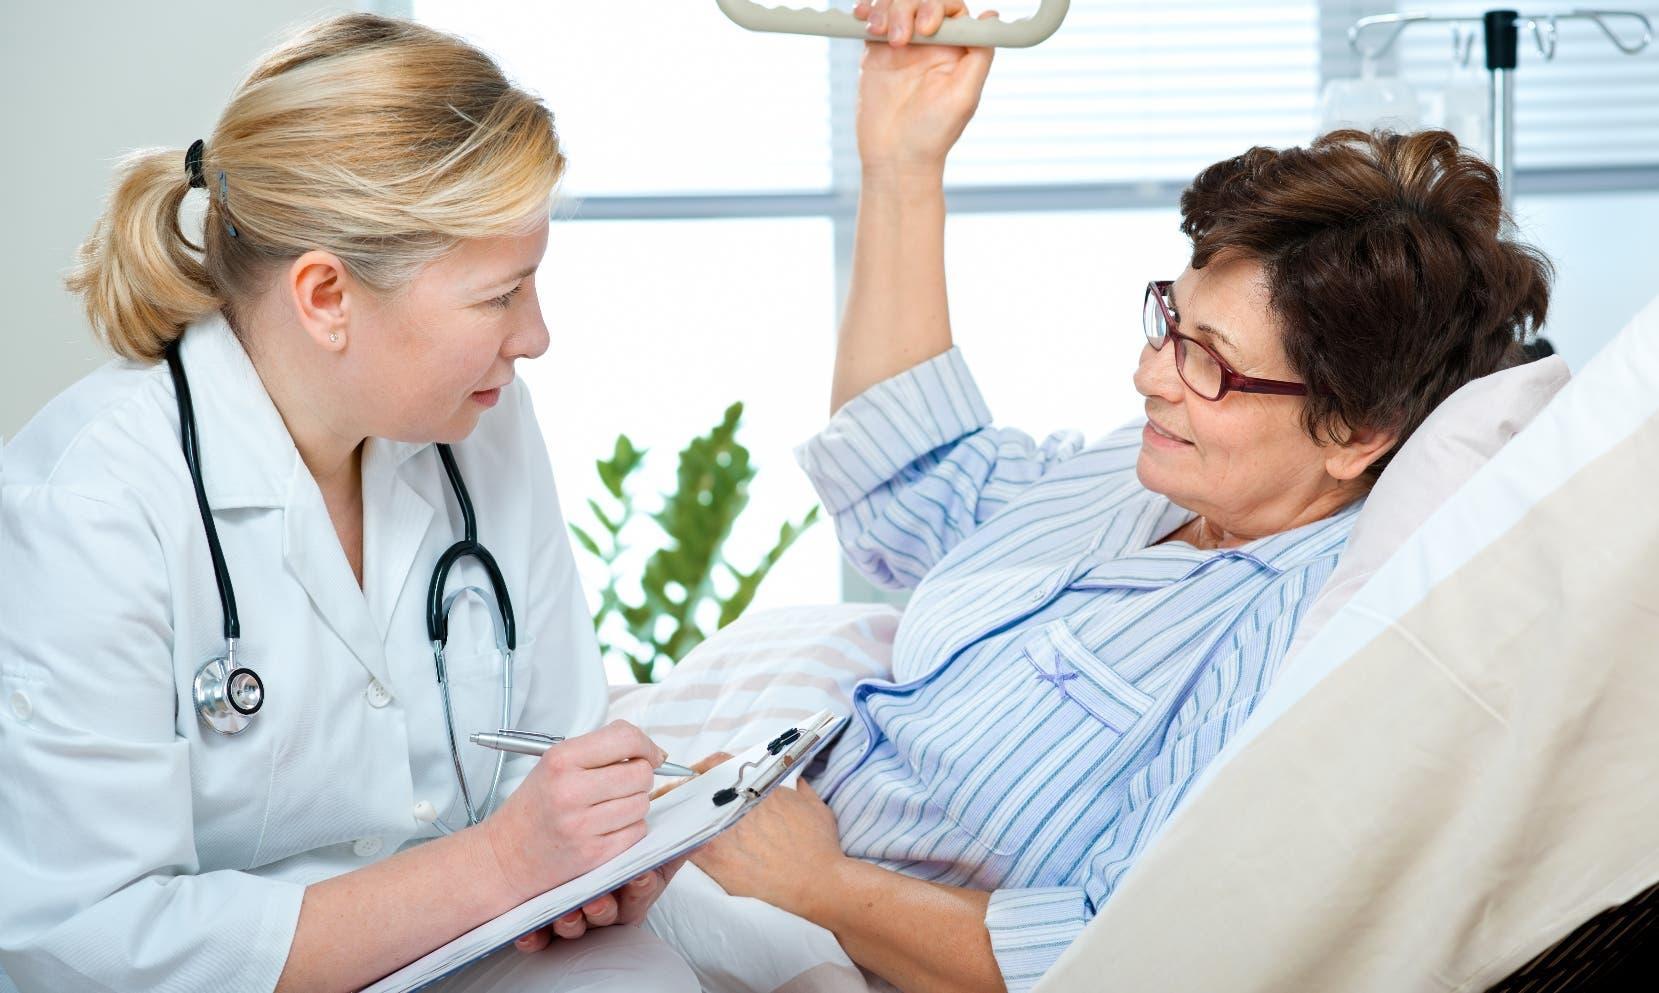 Las  encuestas  determinan los niveles de satisfacción de los pacientes y permiten que se implementen mejoras en el servicio.